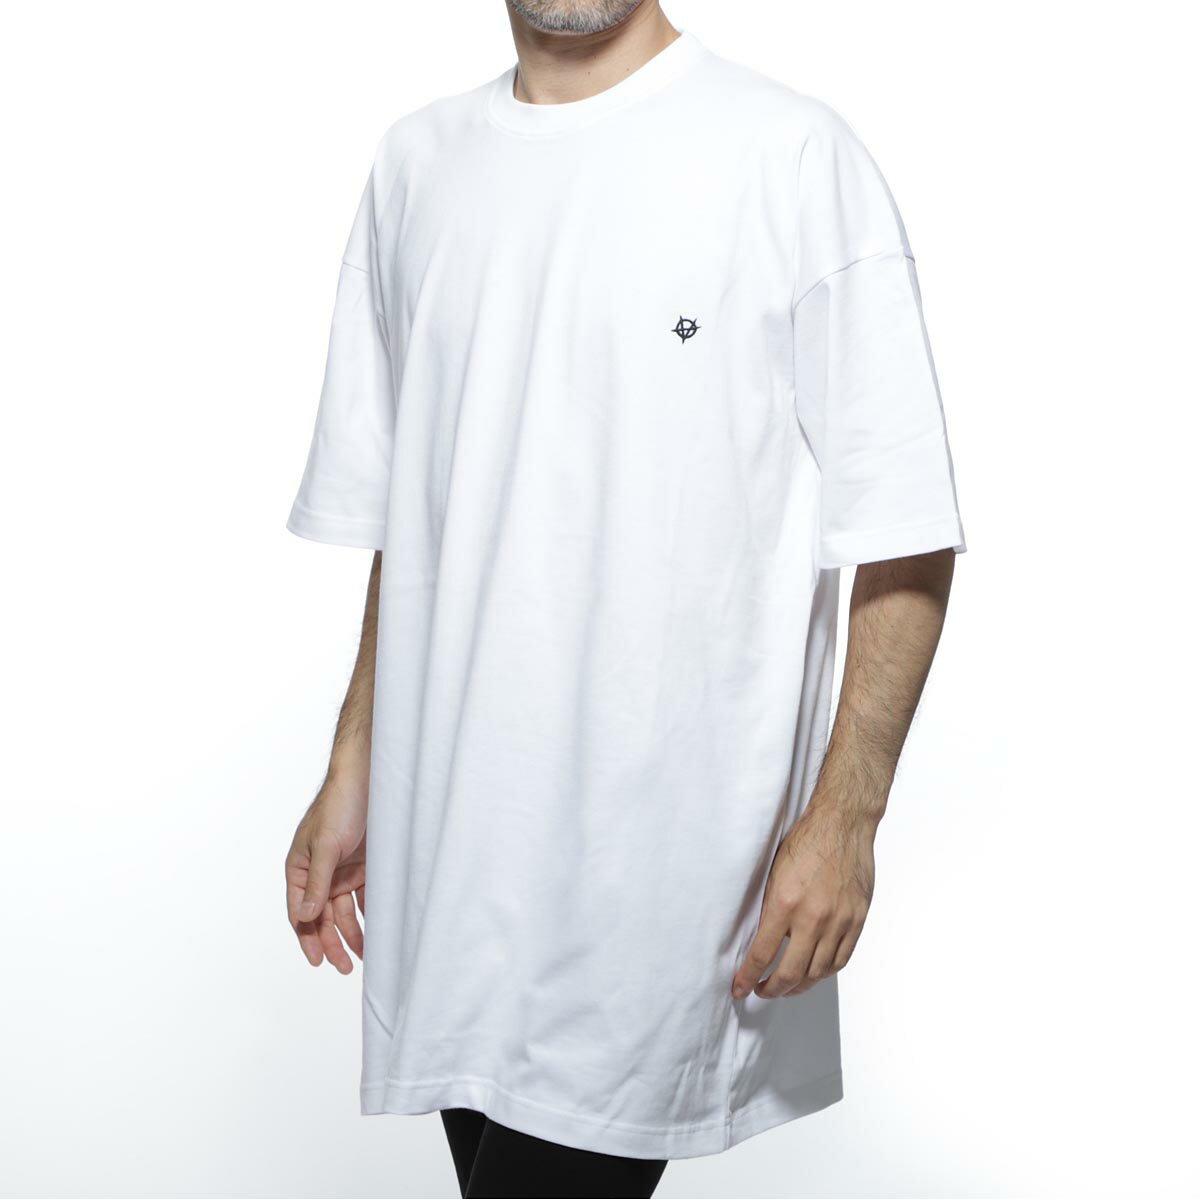 トップス, Tシャツ・カットソー  VETEMENTS T mah20tr021 white Anarchy